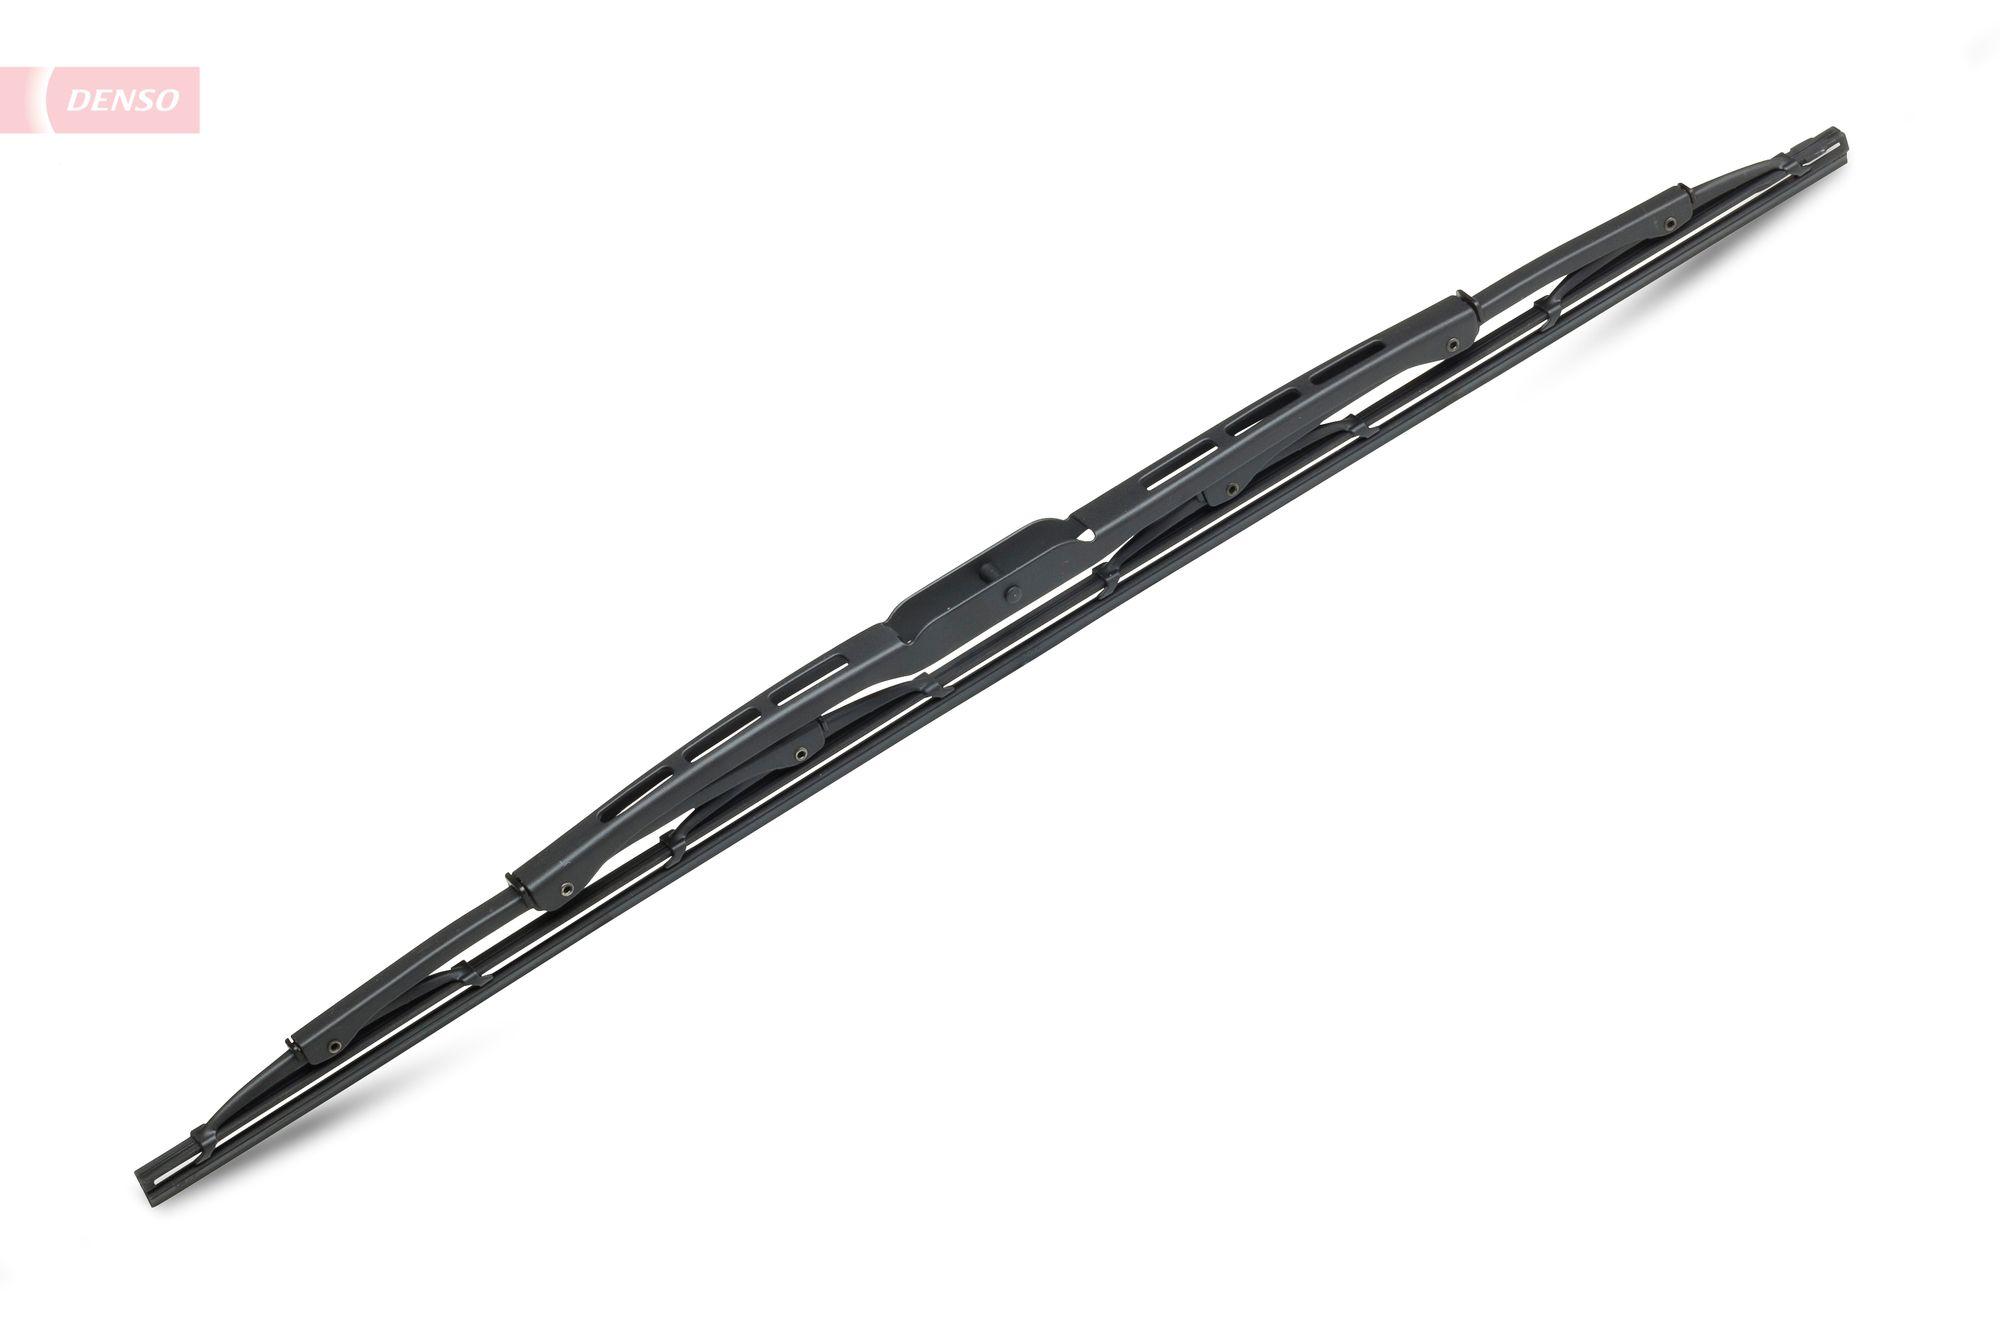 DENSO Standard DM-050 Wischblatt